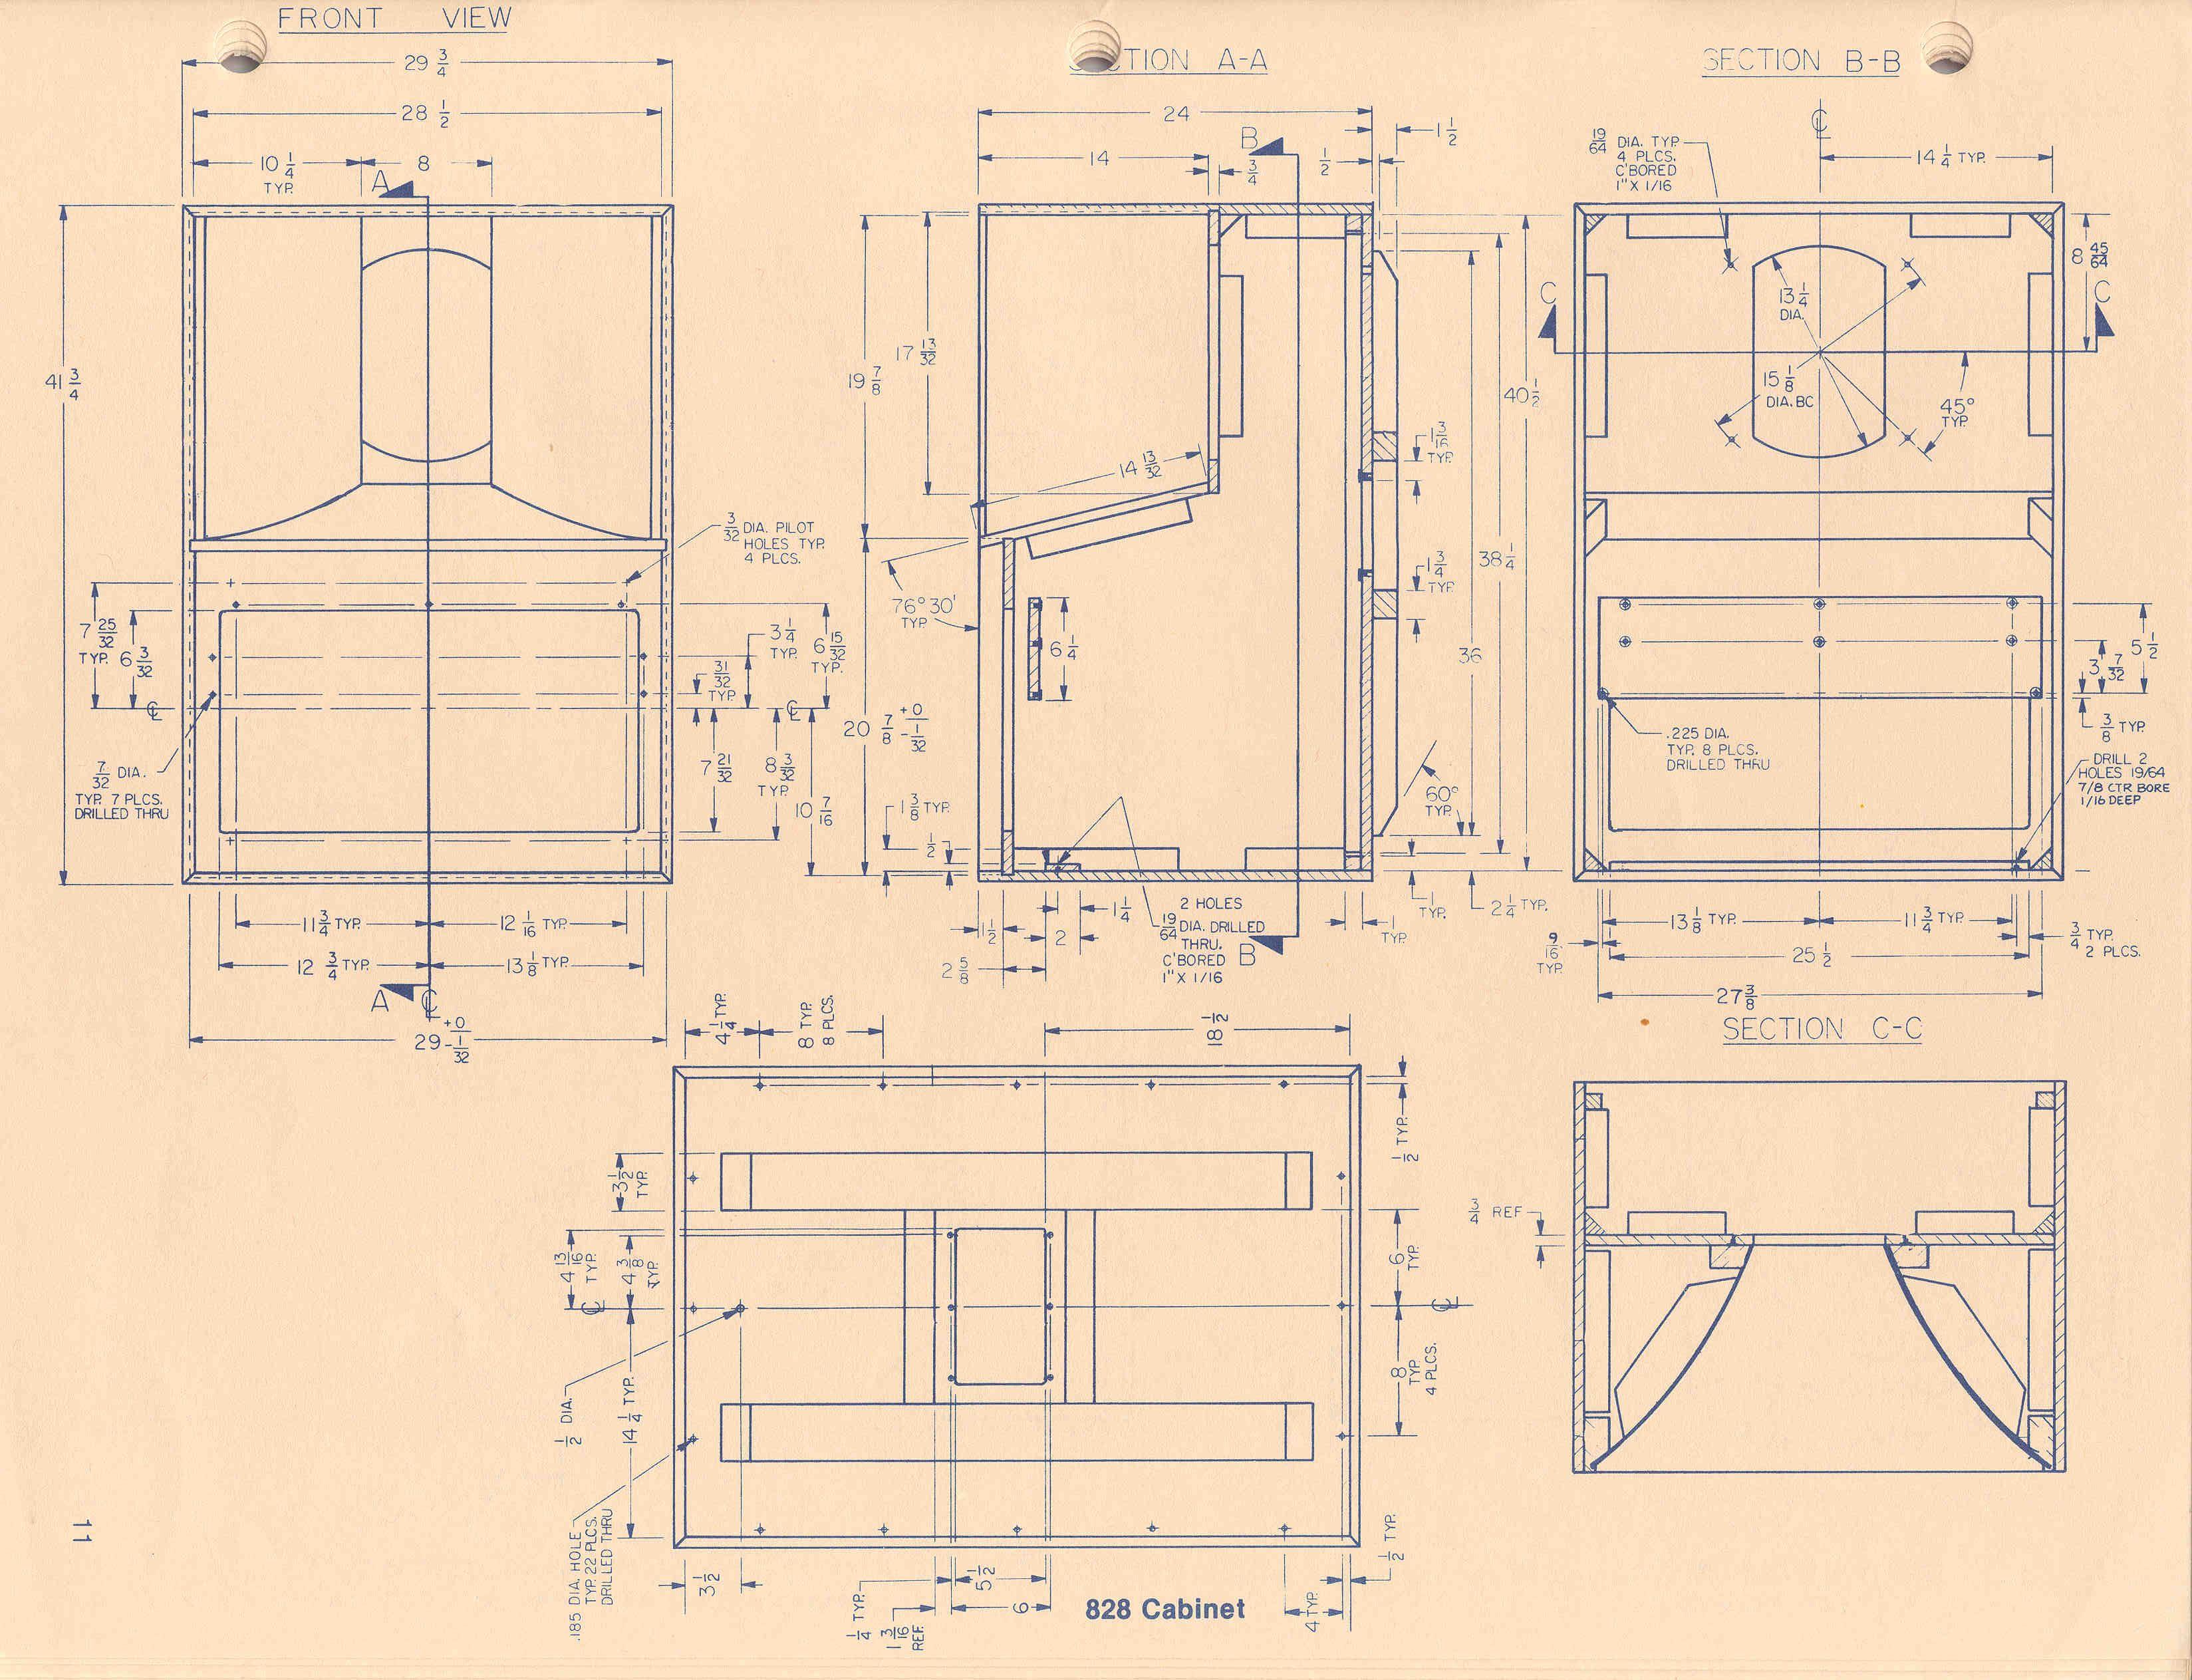 Skema box speaker woofer search results woodworking project ideas - Loud Speaker Plans Google Search